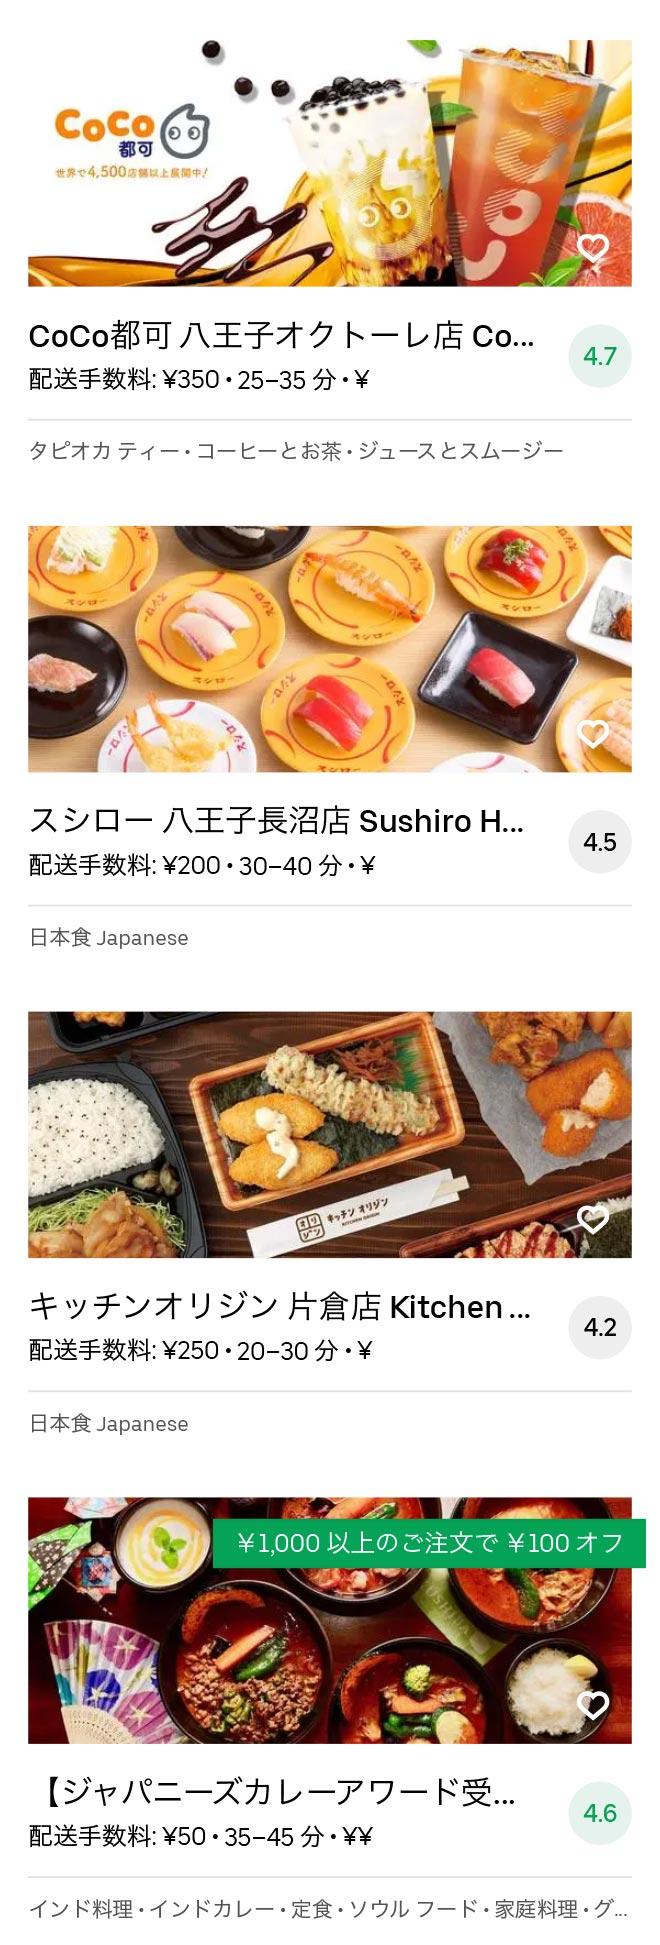 Hatioji minamino menu 2010 04